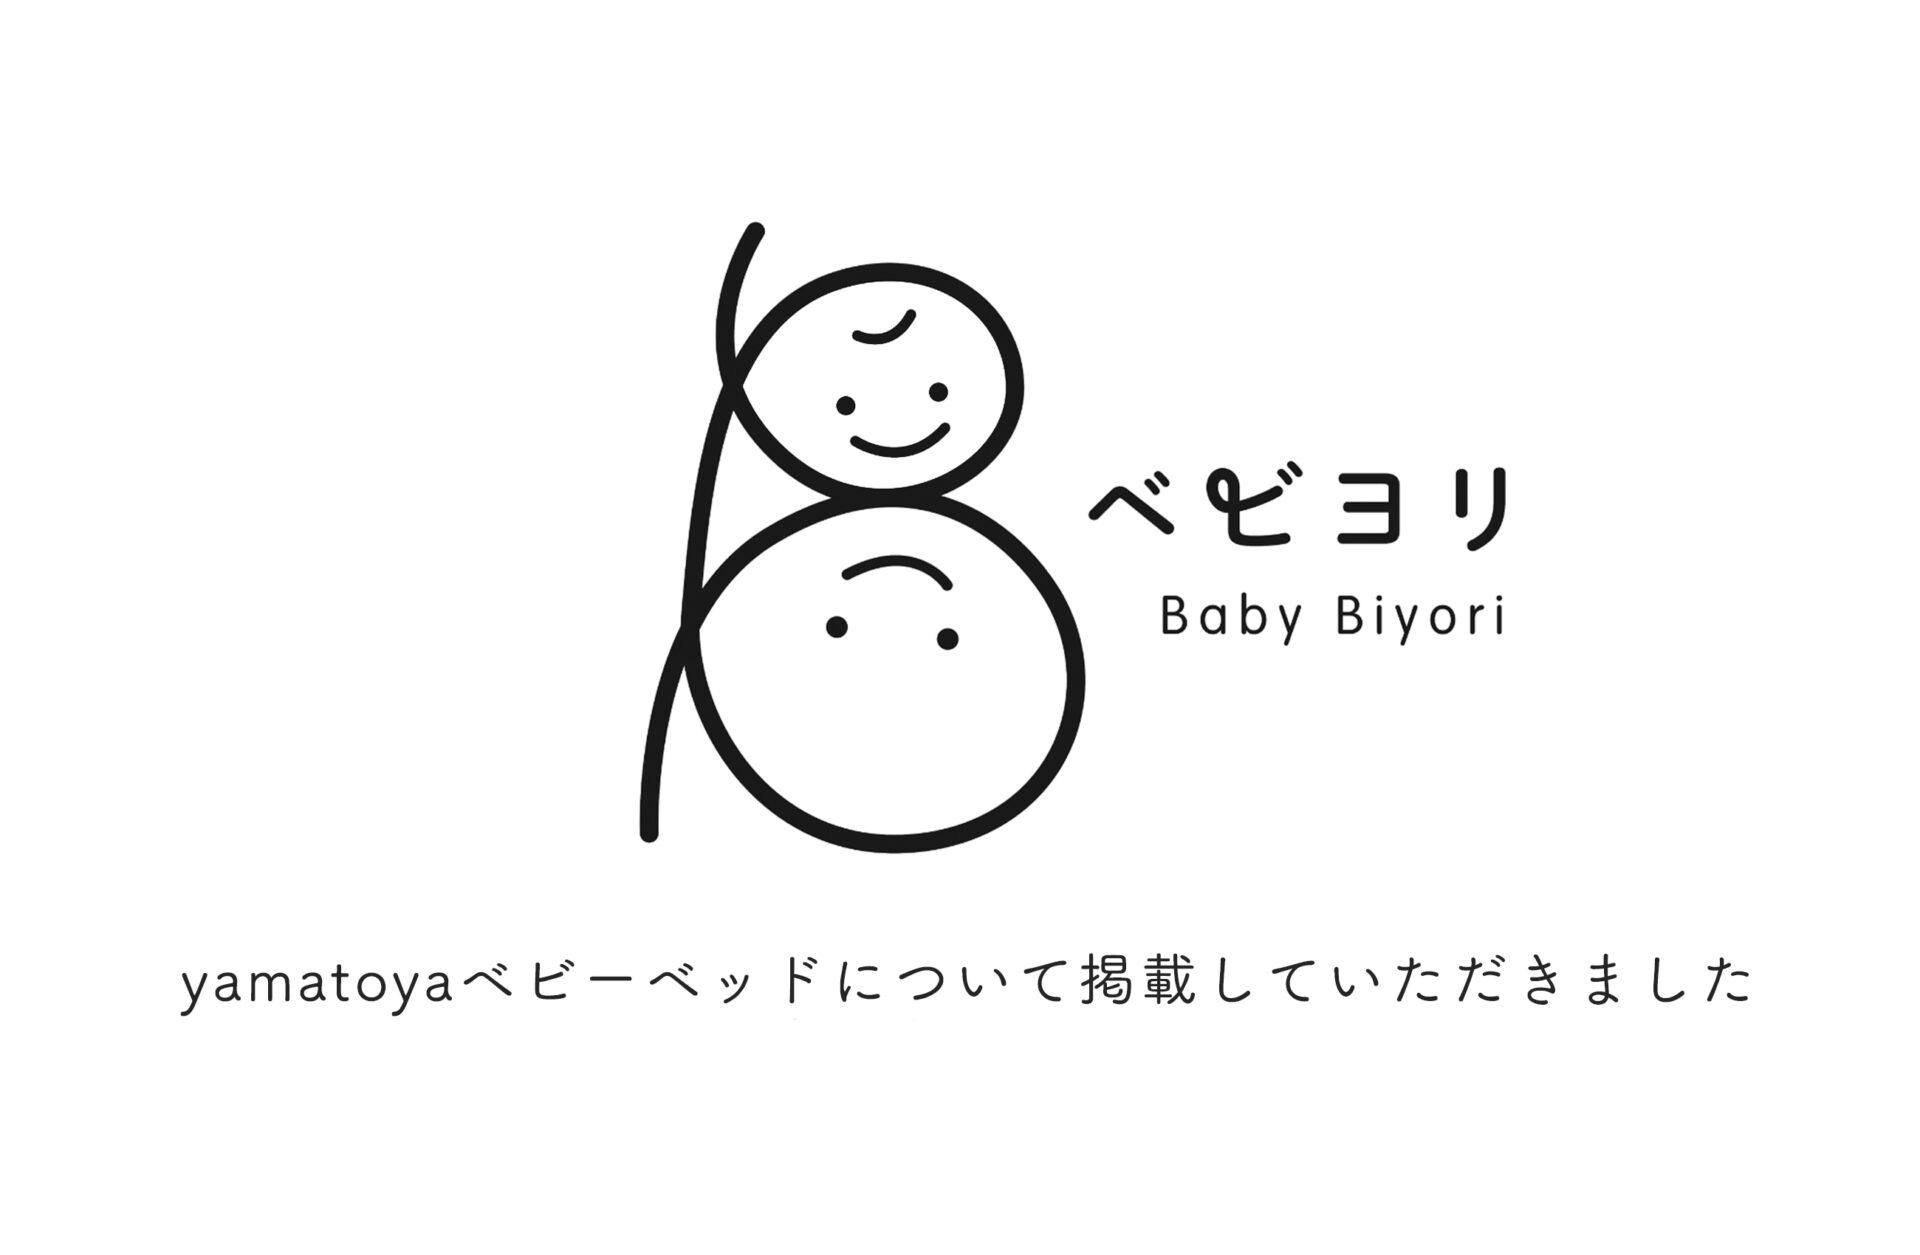 ベビヨリでyamatoyaベビーベッドについて掲載していただきました